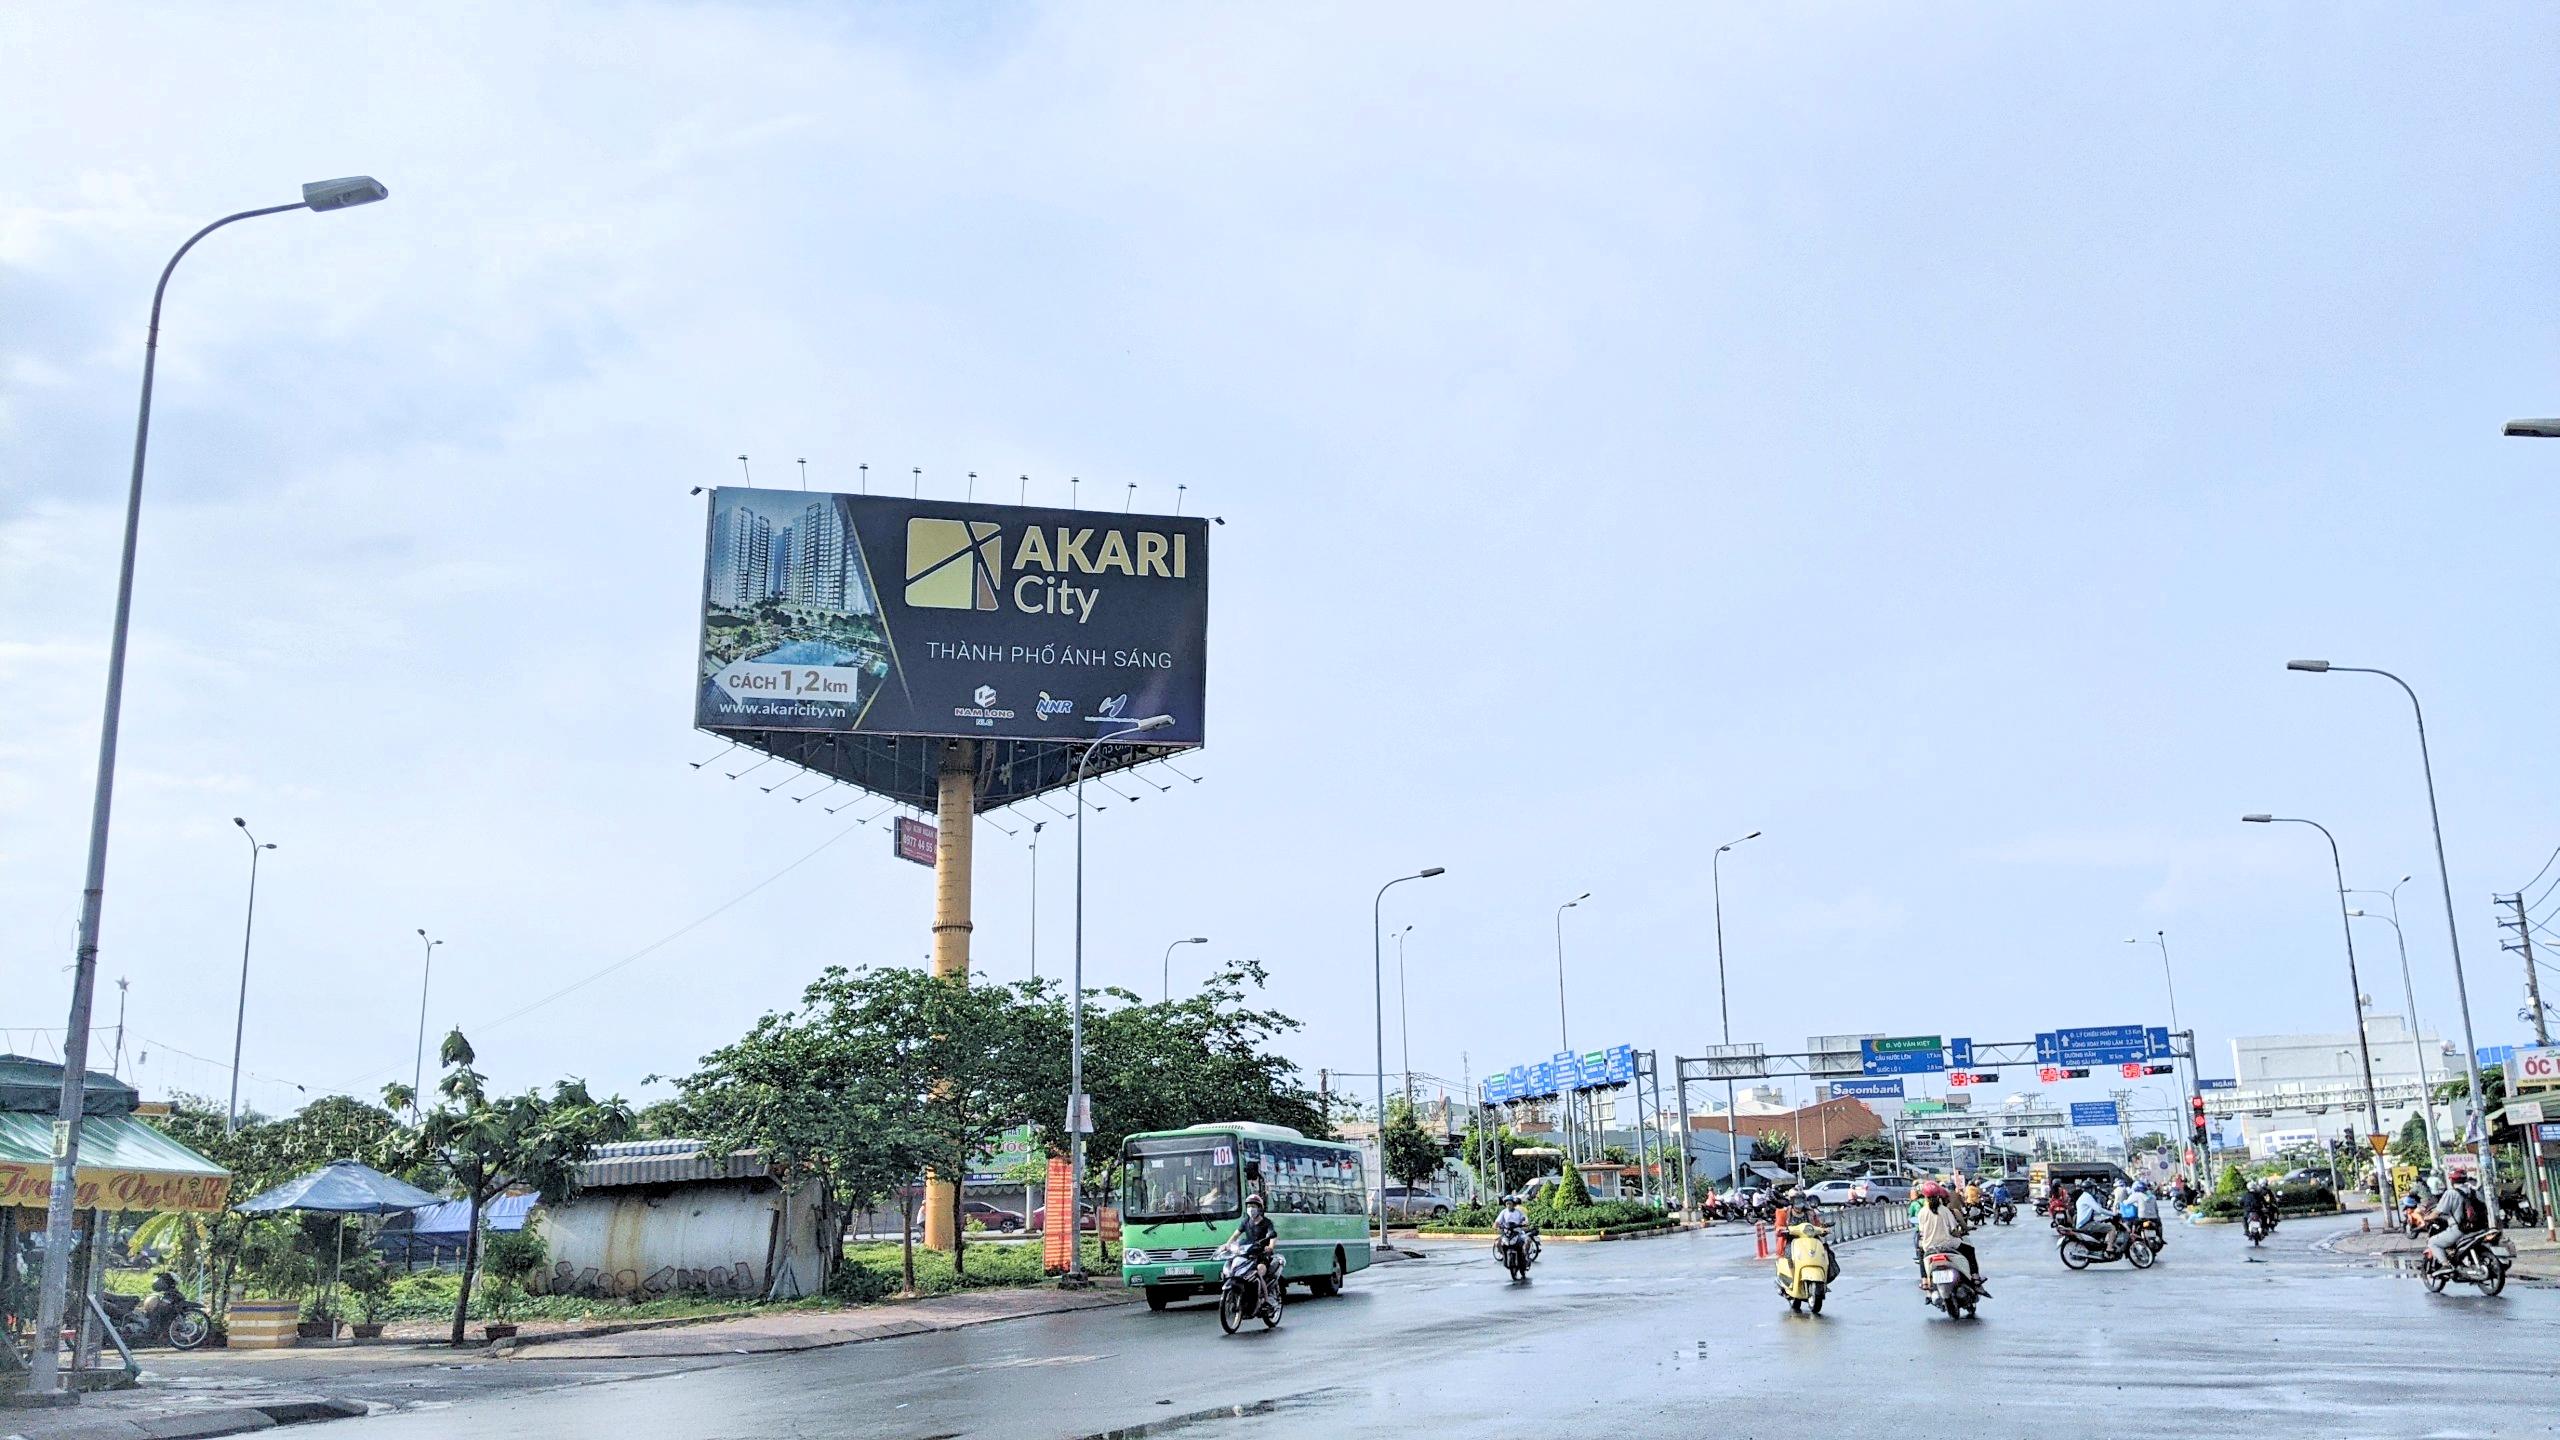 Loạt cao ốc trên Đại lộ Đông - Tây [Phần 1]: Đại lộ Võ Văn Kiệt - Ảnh 2.